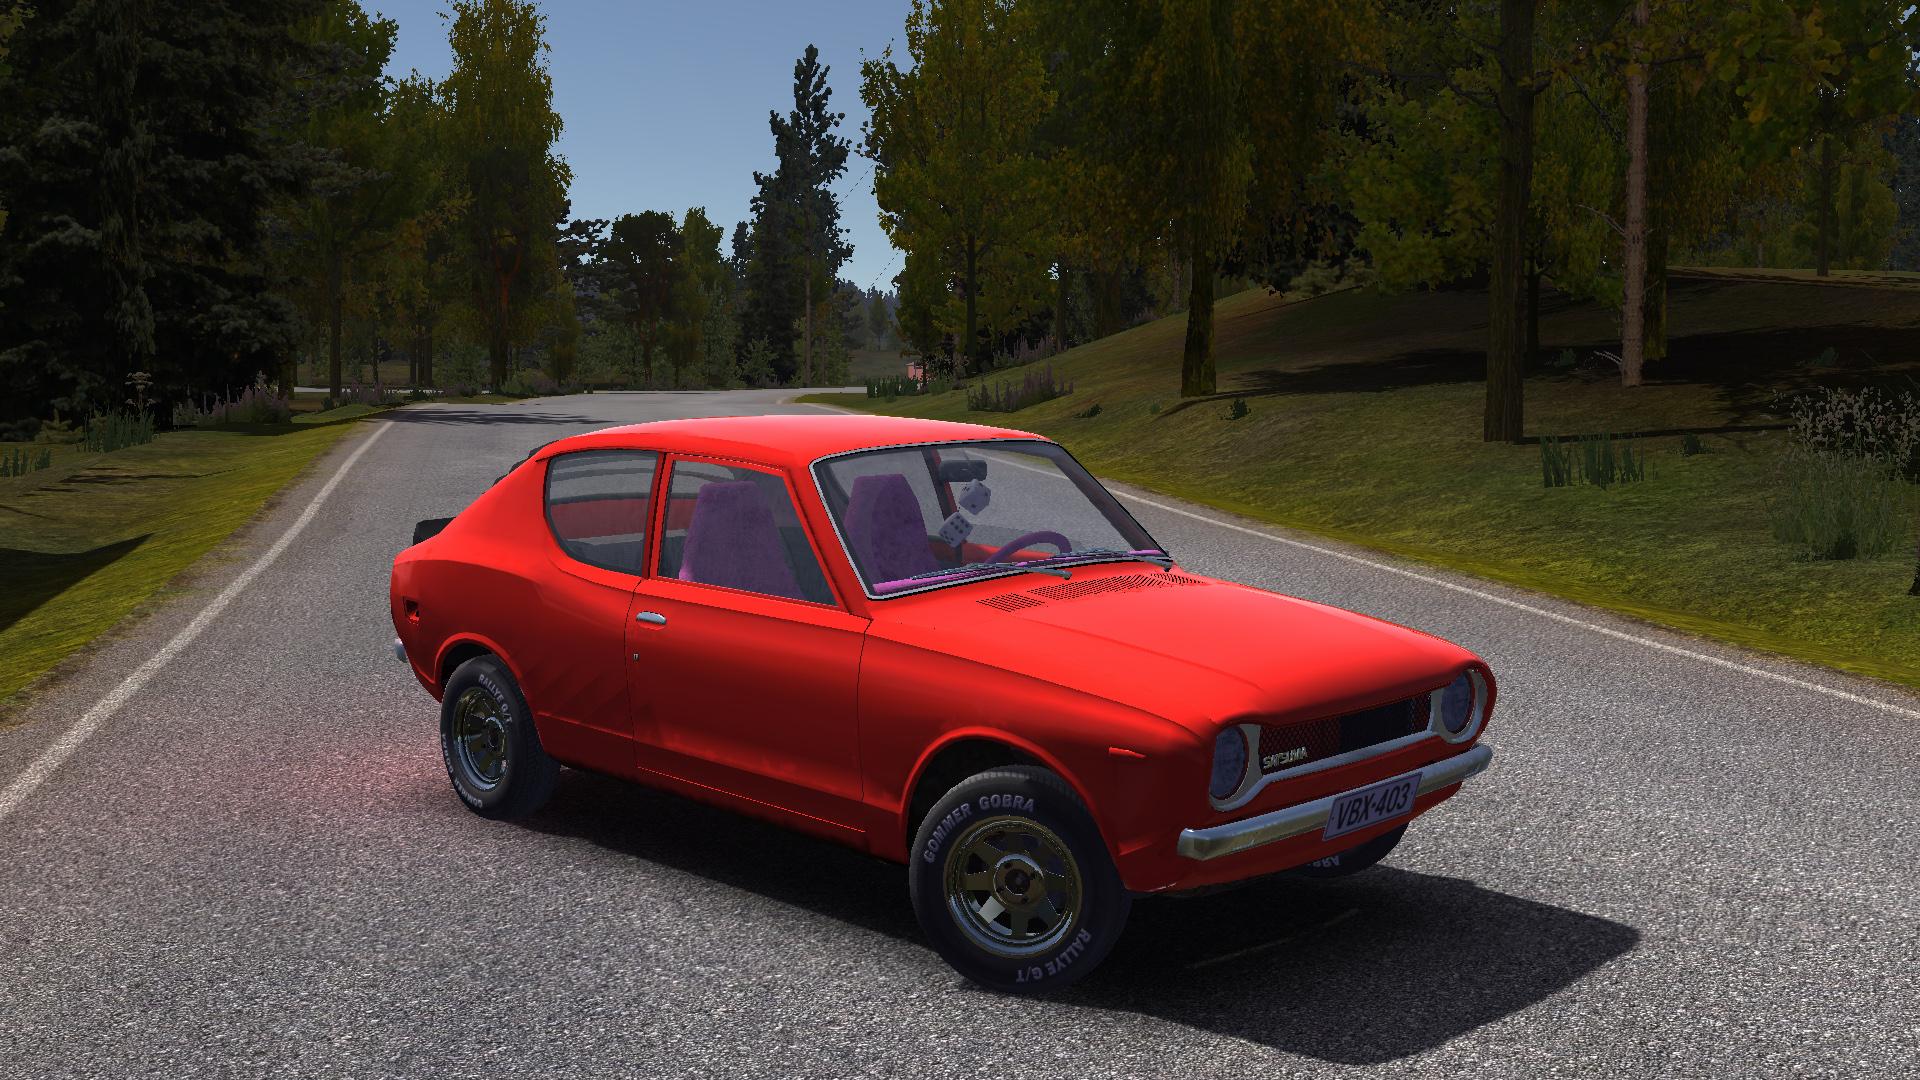 v24 car [ 1920 x 1080 Pixel ]